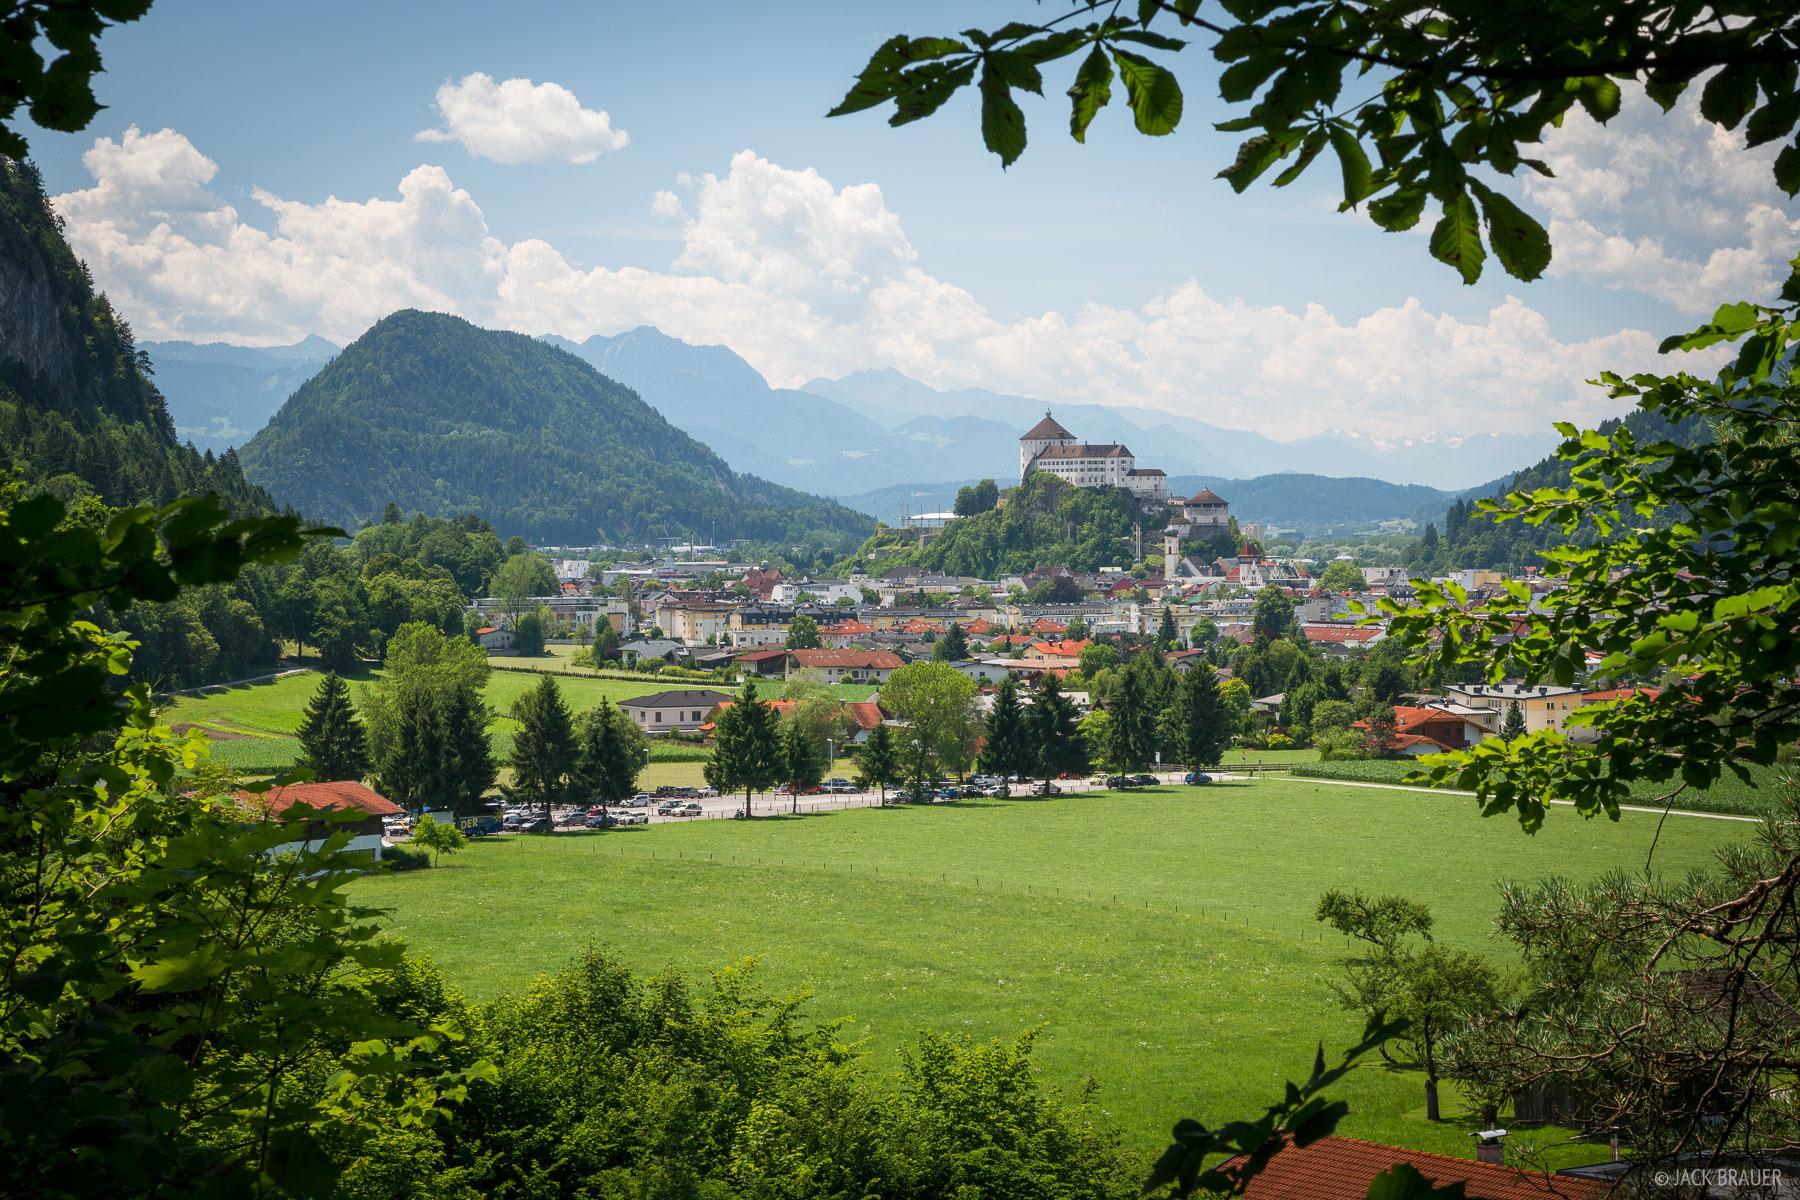 Austria, Festung Kufstein, Kaisergebirge, Kufstein, Kufstein Fortress, castle, photo